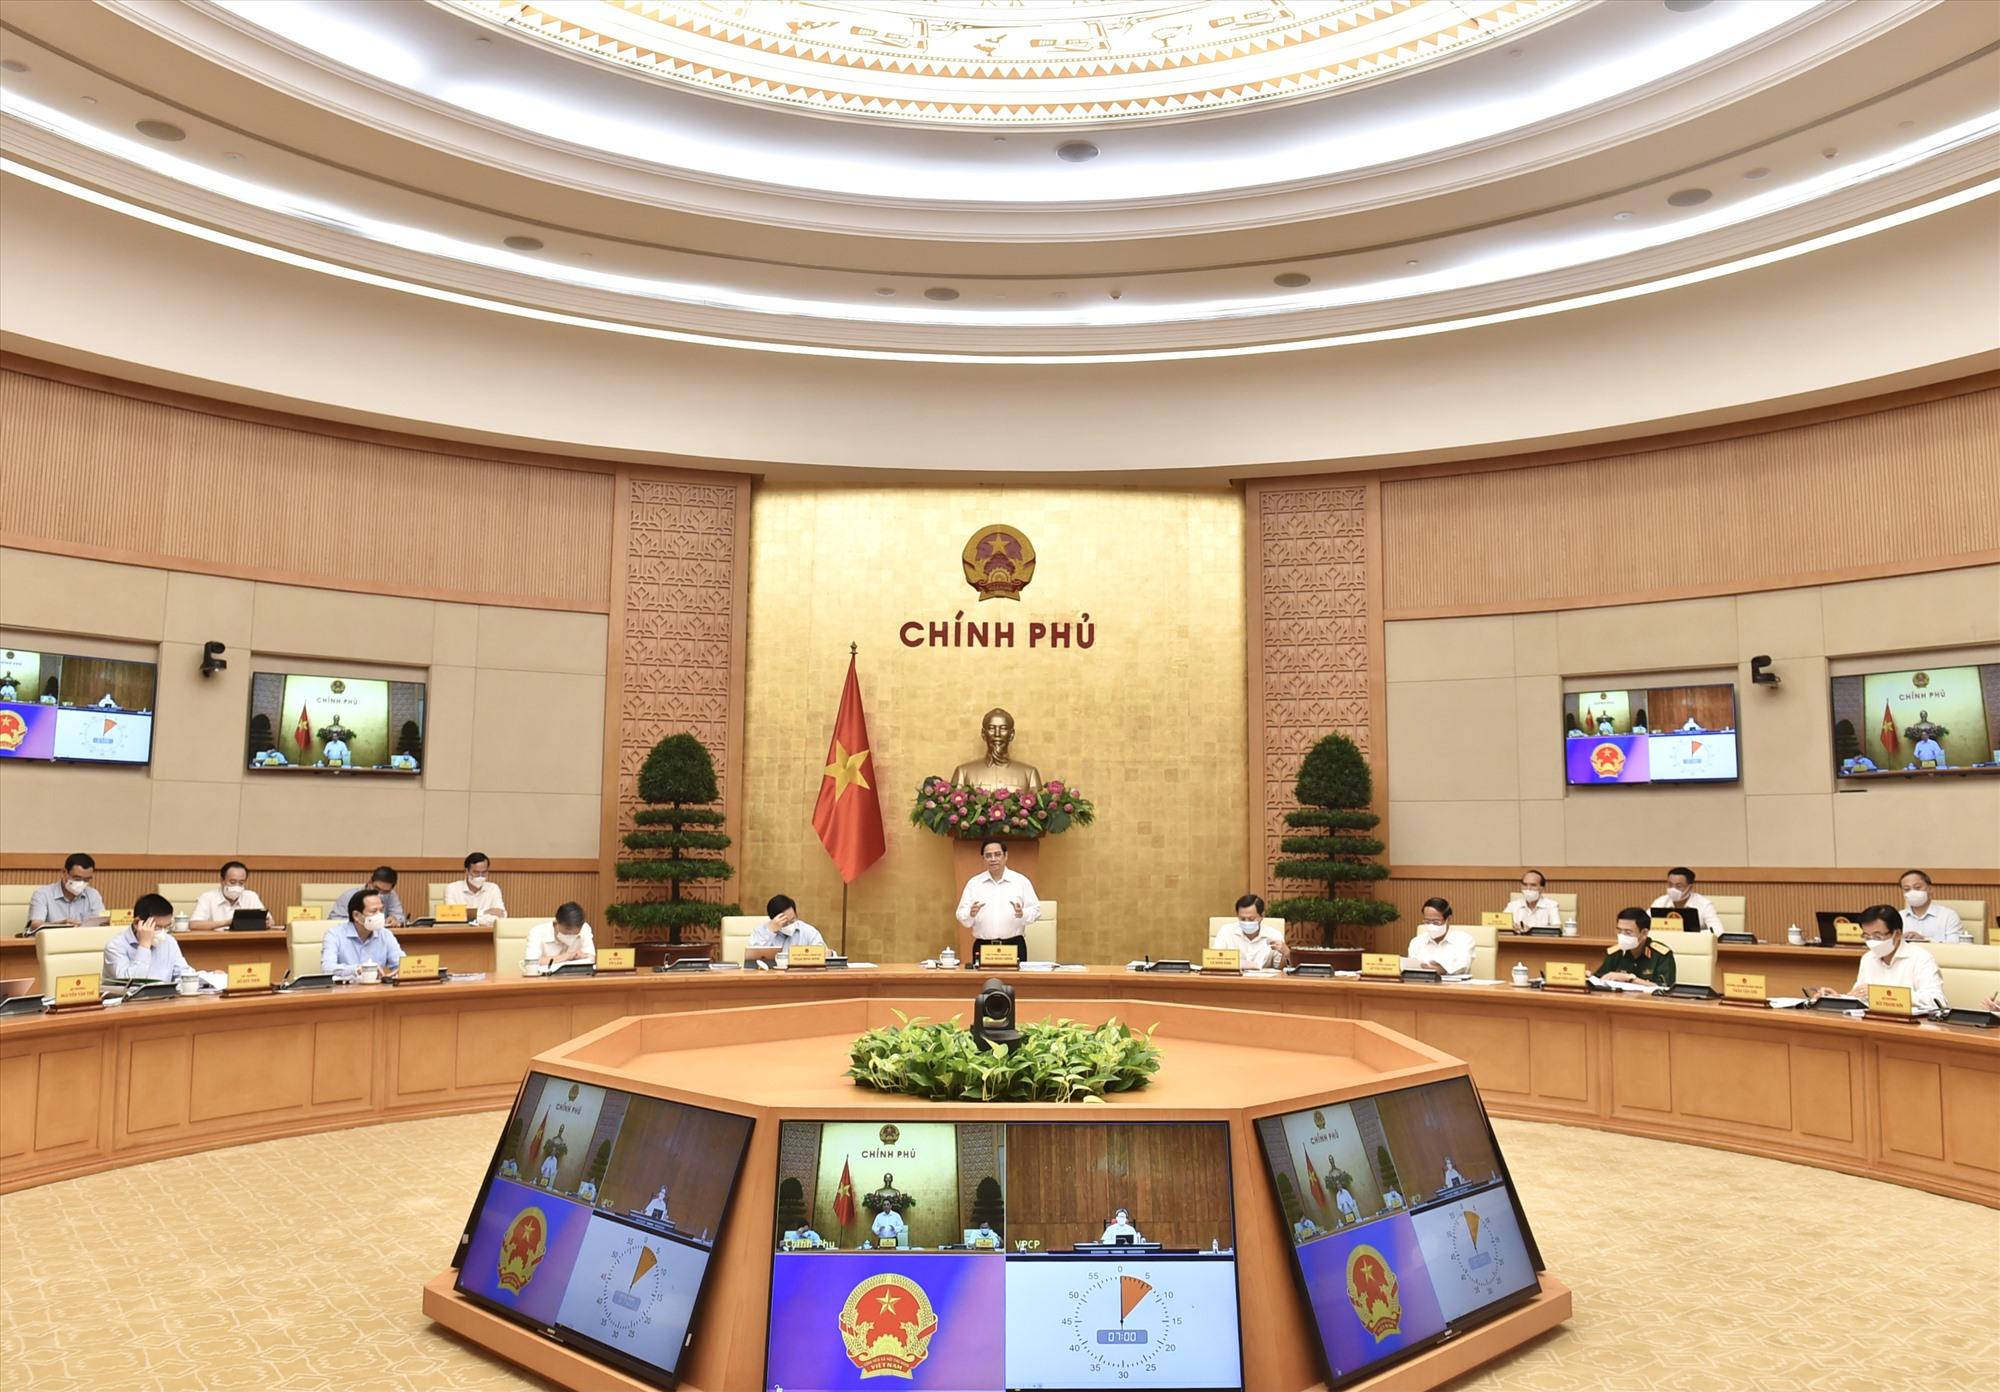 Thủ tướng Phạm Minh Chính chủ trì phiên họp Chính phủ thường kỳ tháng 8 năm 2021. Ảnh: VGP/Nhật Bắc